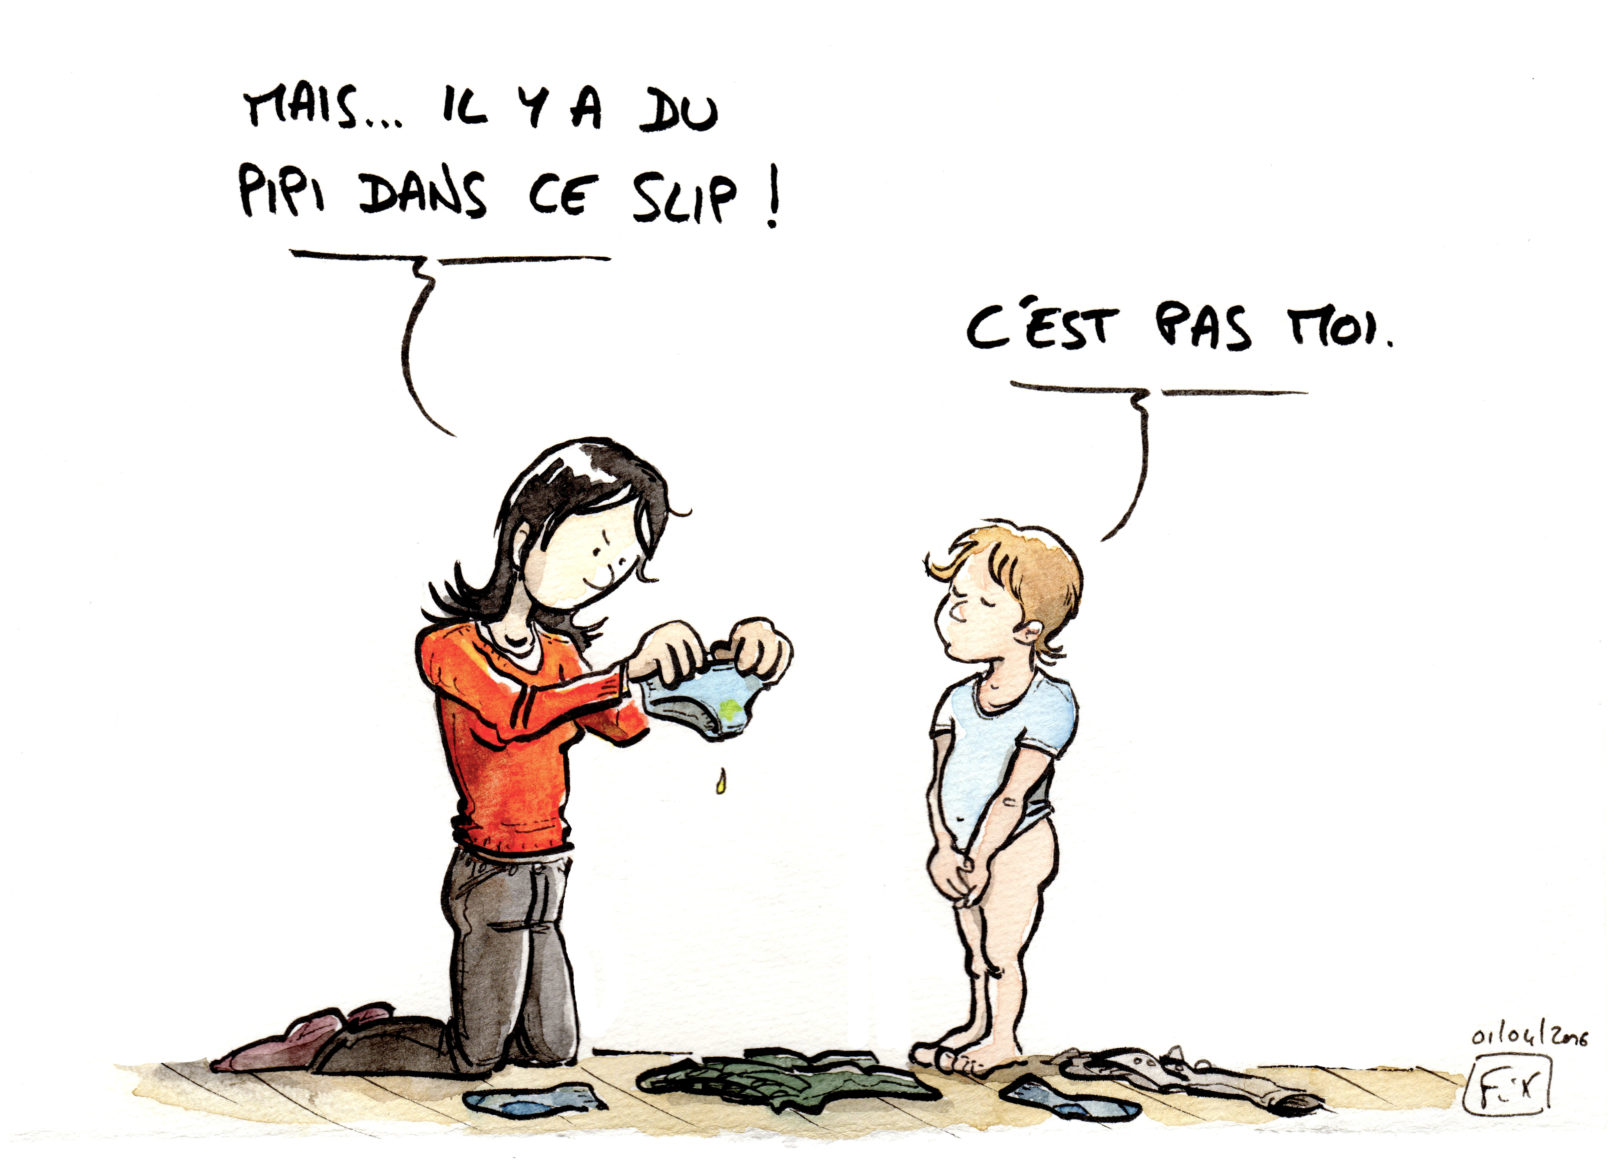 Sport dessin humoristique colorier les enfants - Dessin humoristique musculation ...